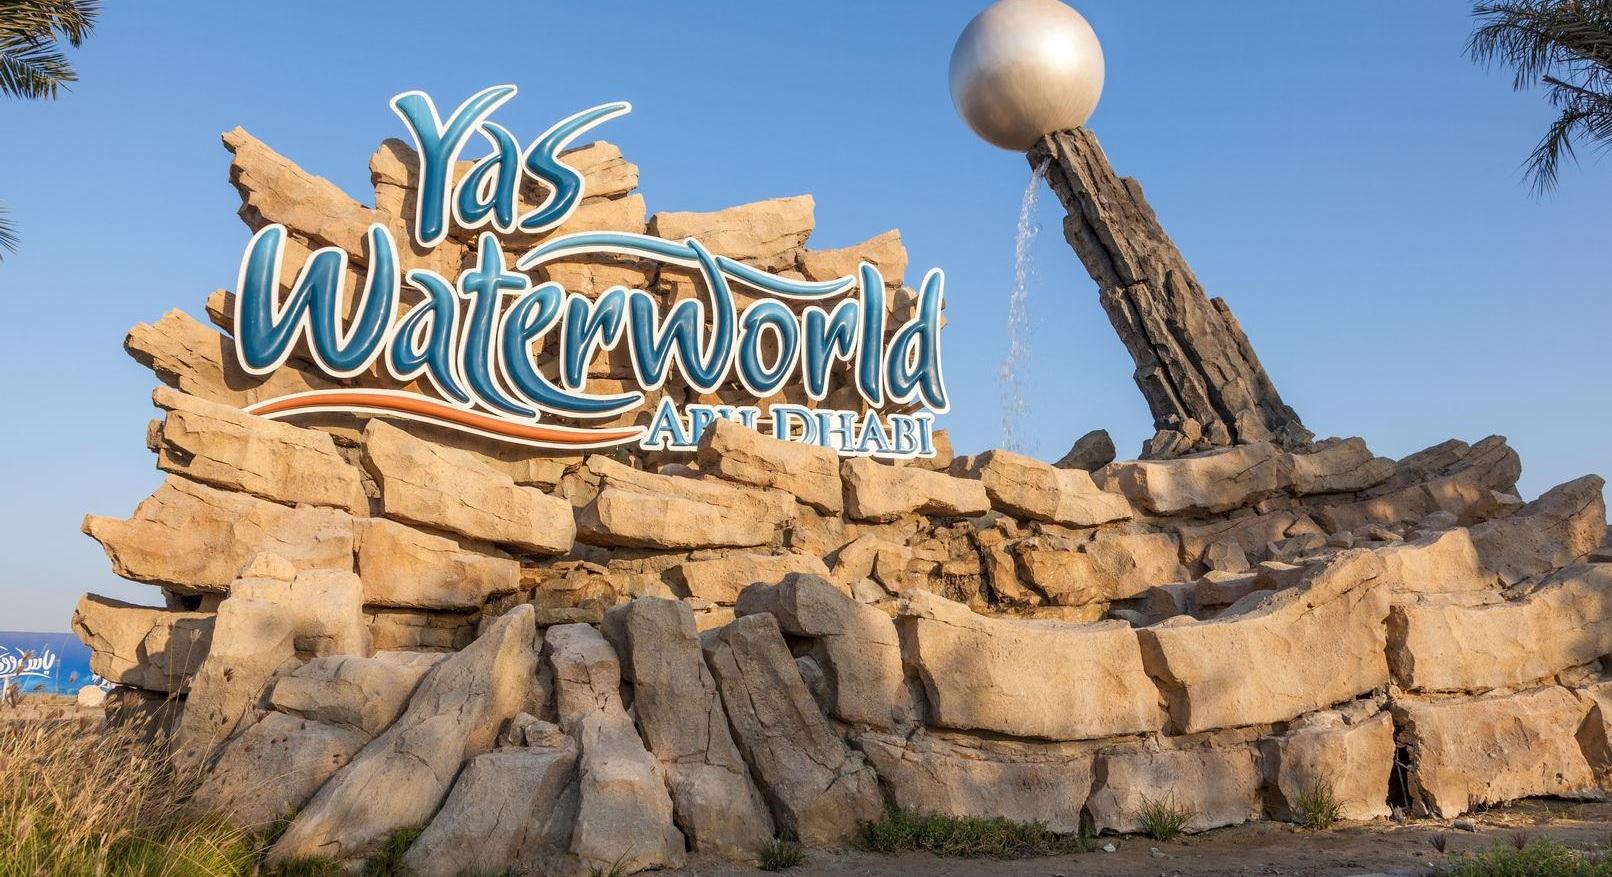 Аквапарк в Абу-Даби Yas Waterworld